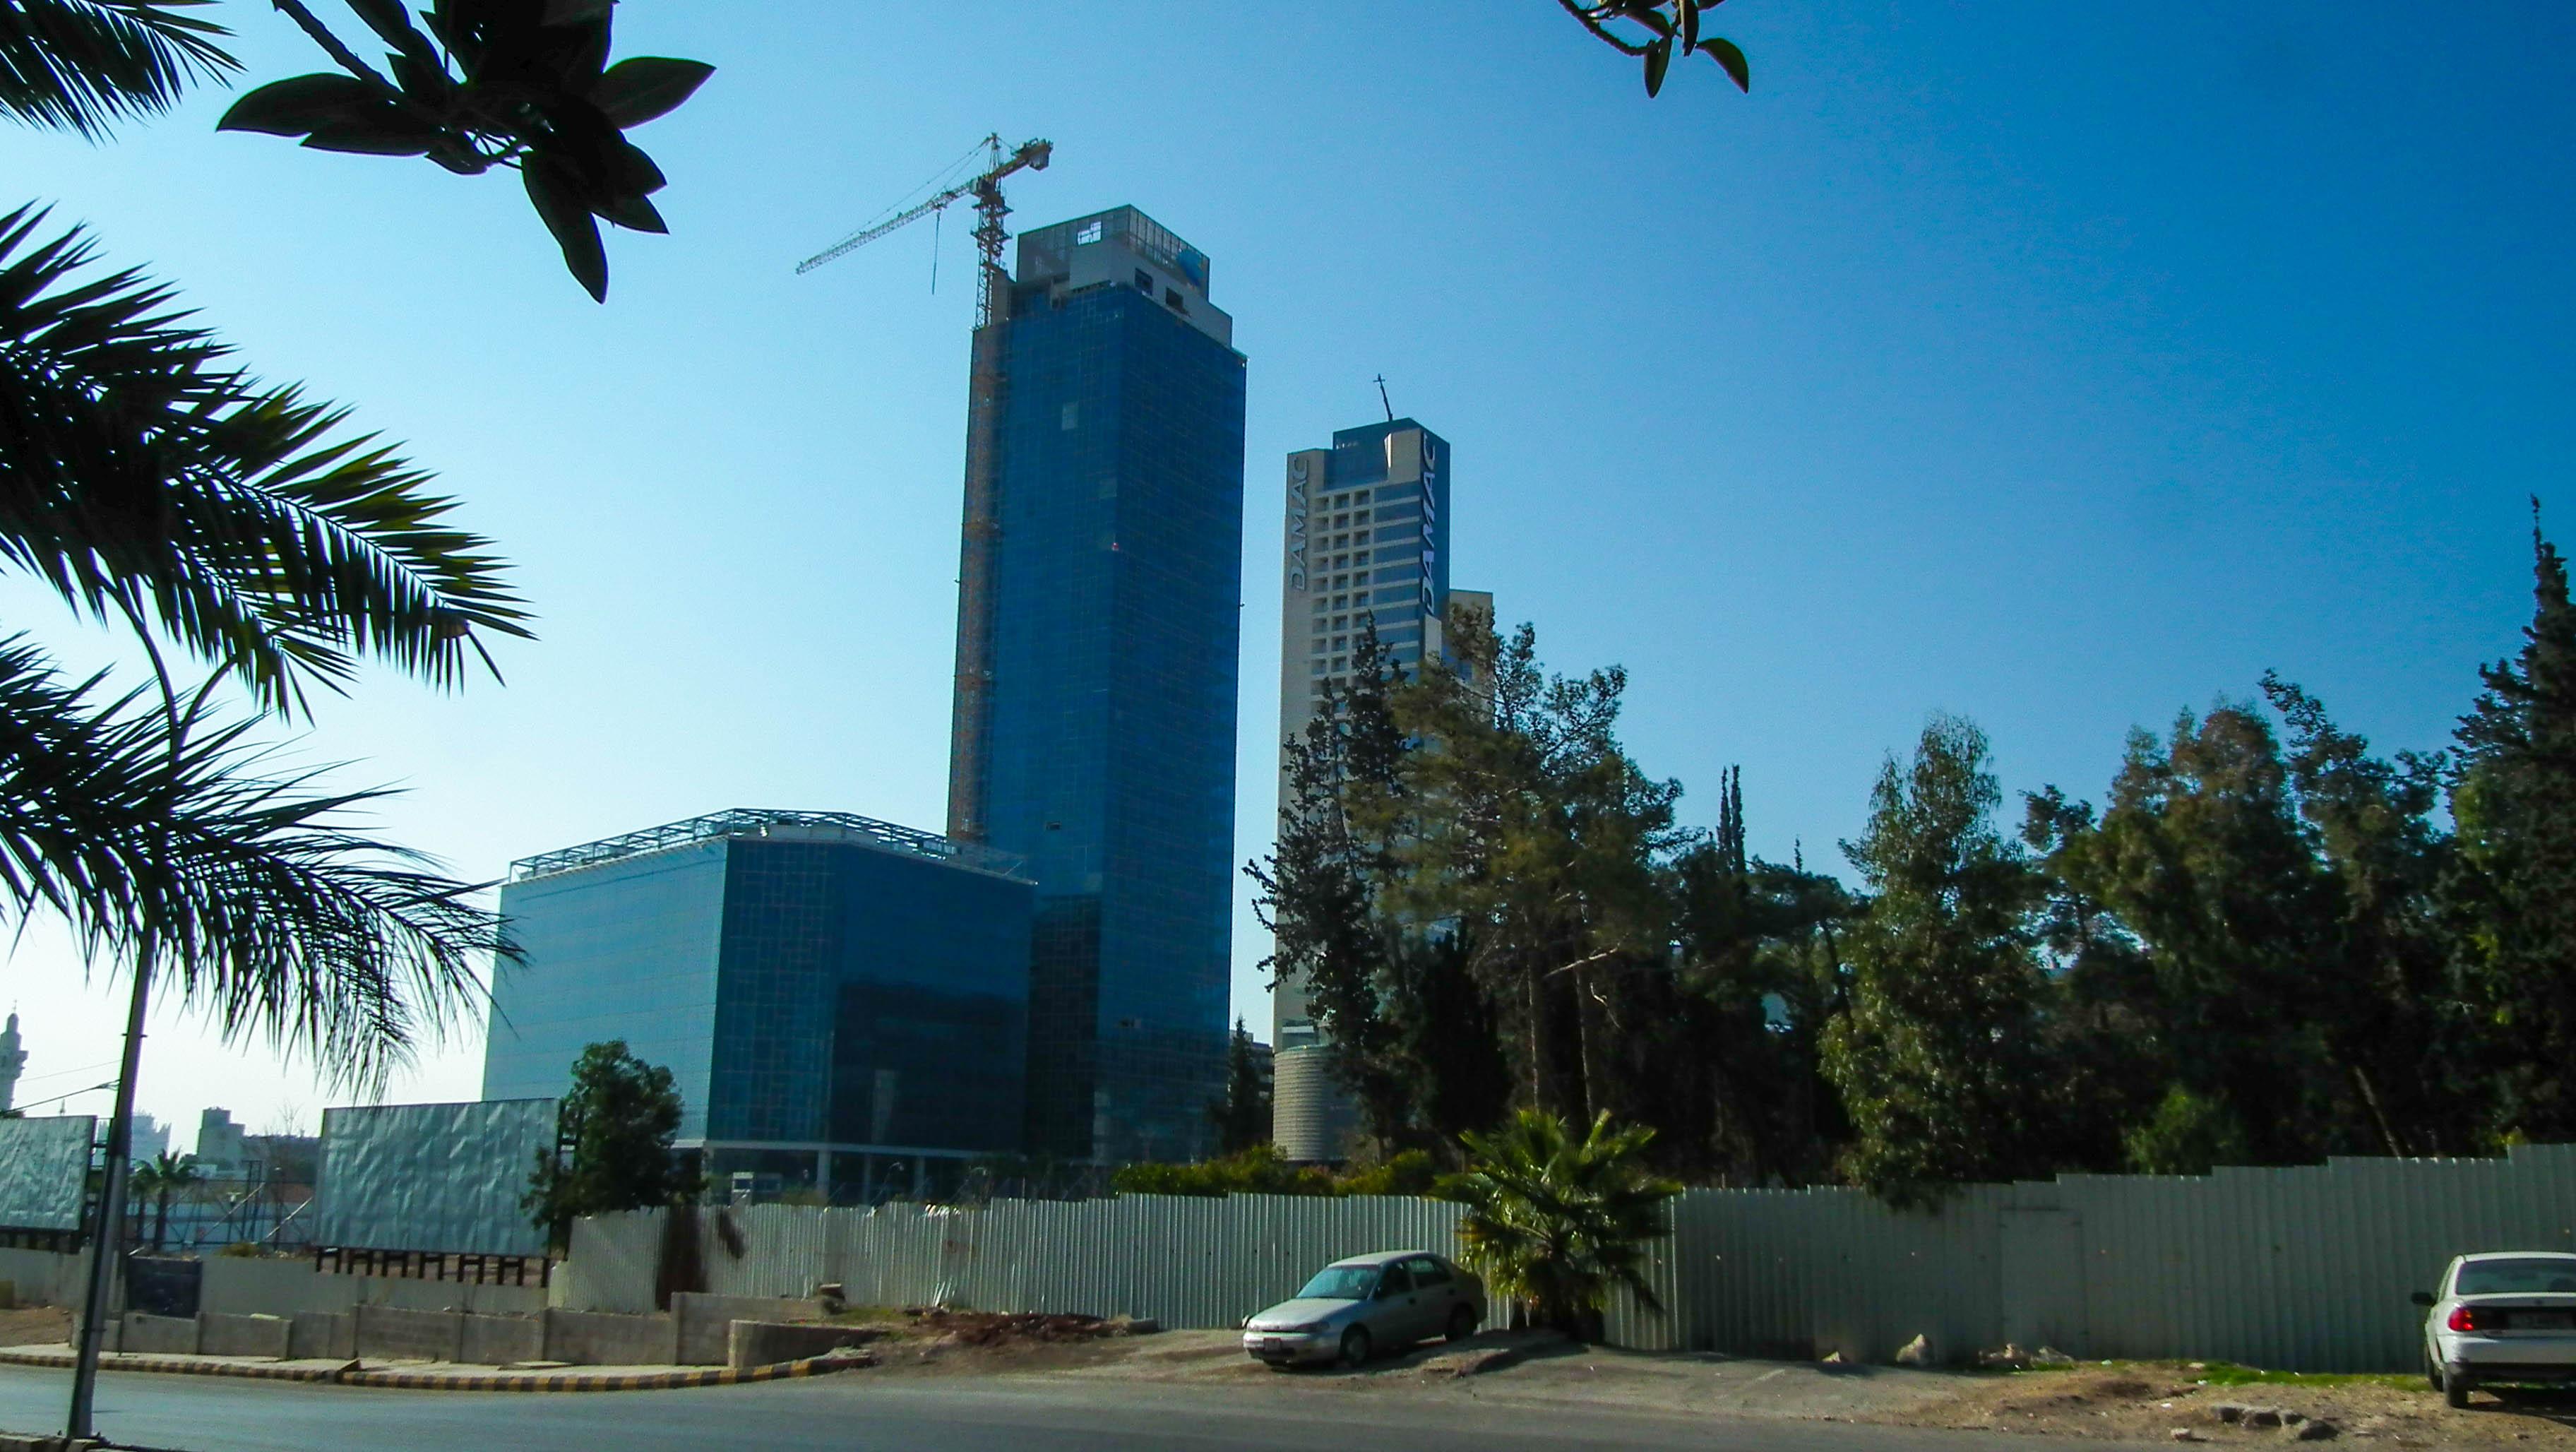 Jordania, Amman